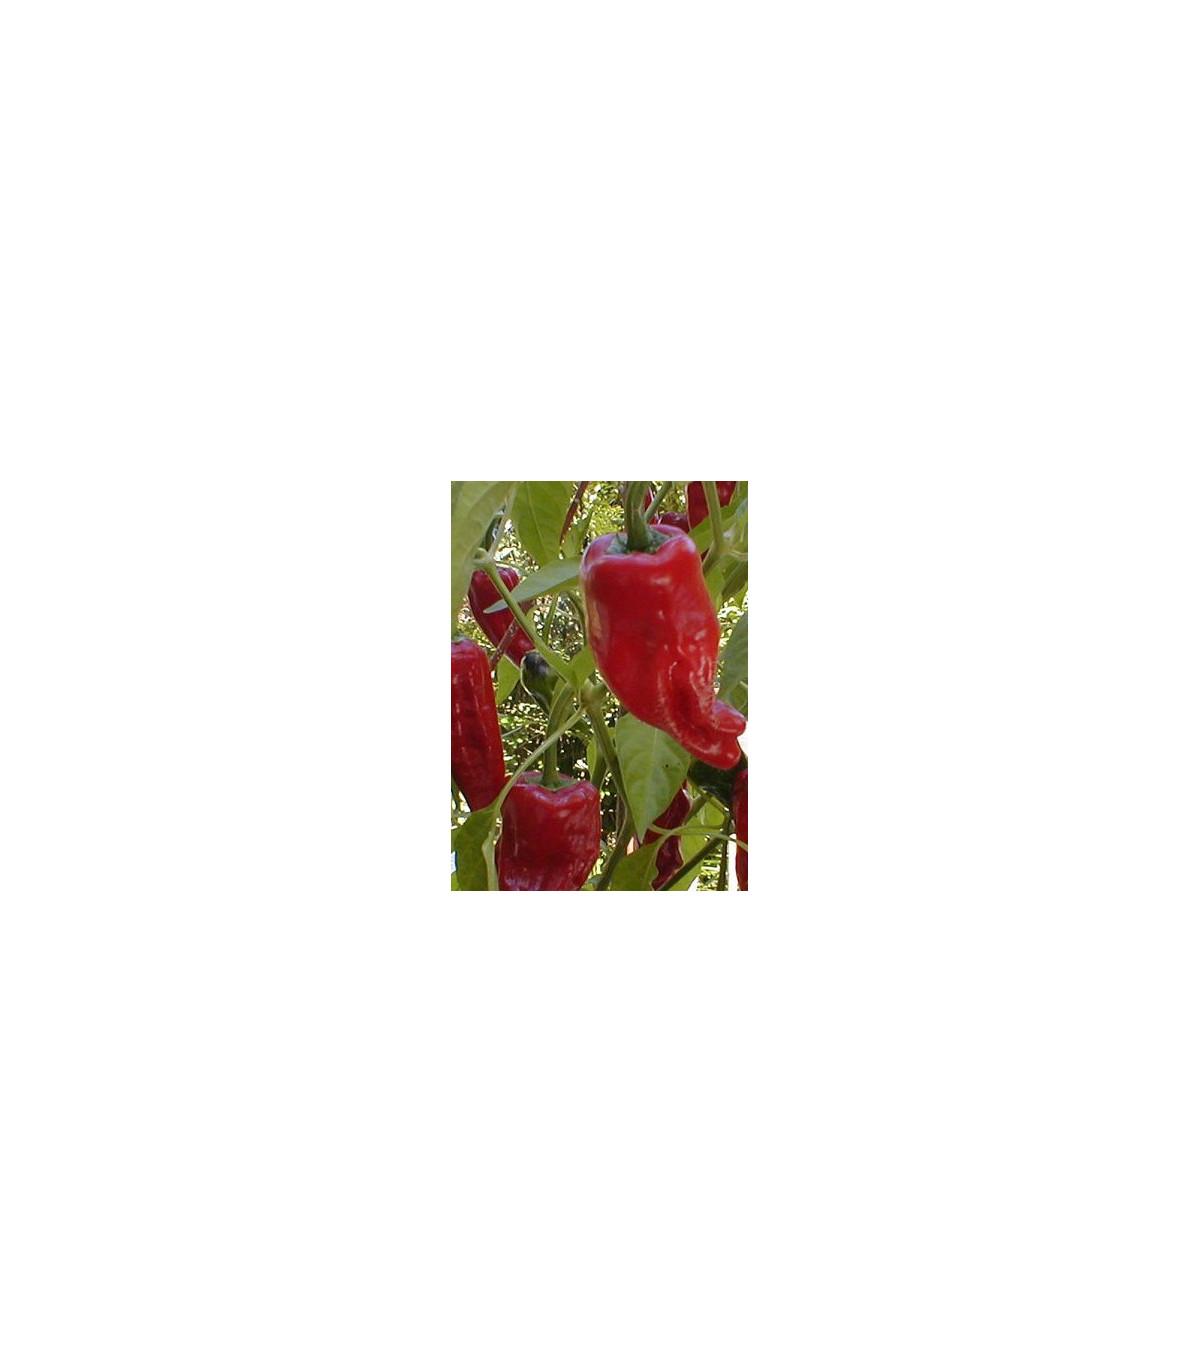 Paprika koreninová Vulkán - semená papriky - Capsicum annuum - 45 ks